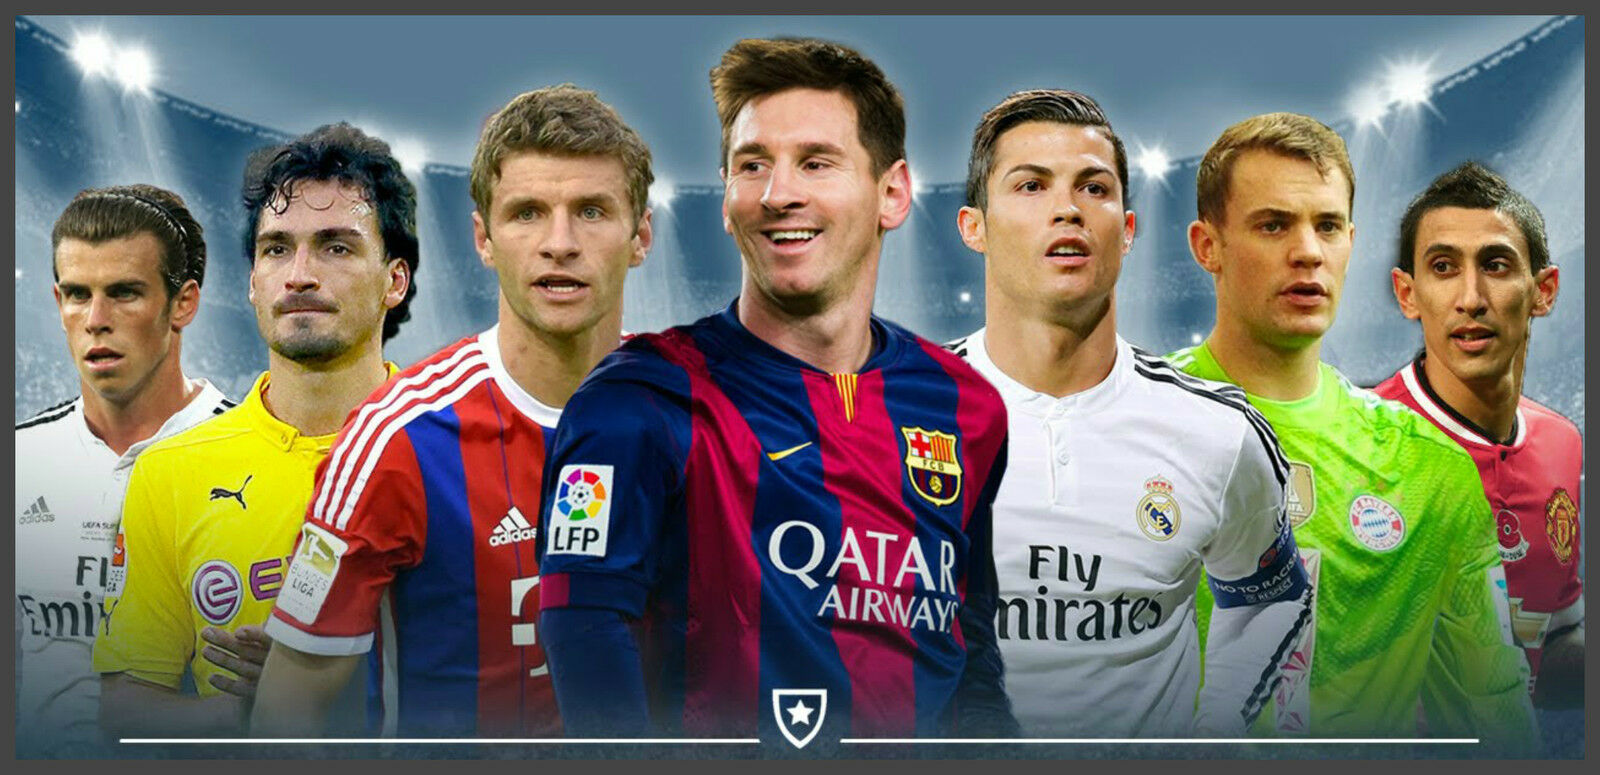 fm_football_market